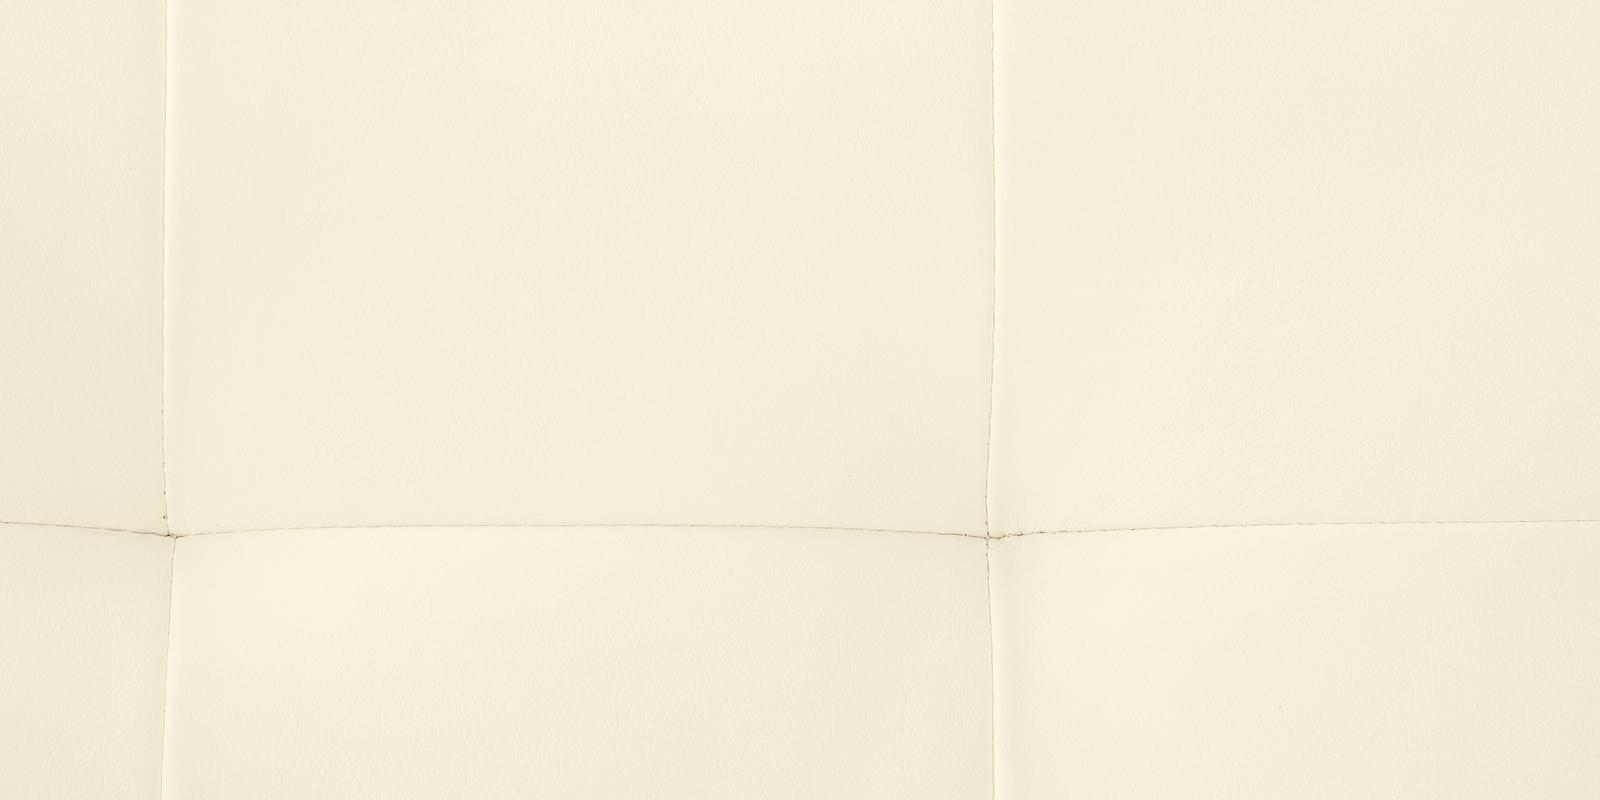 Диван тканевый угловой Бристоль Luxe молочный (Экокожа, правый)